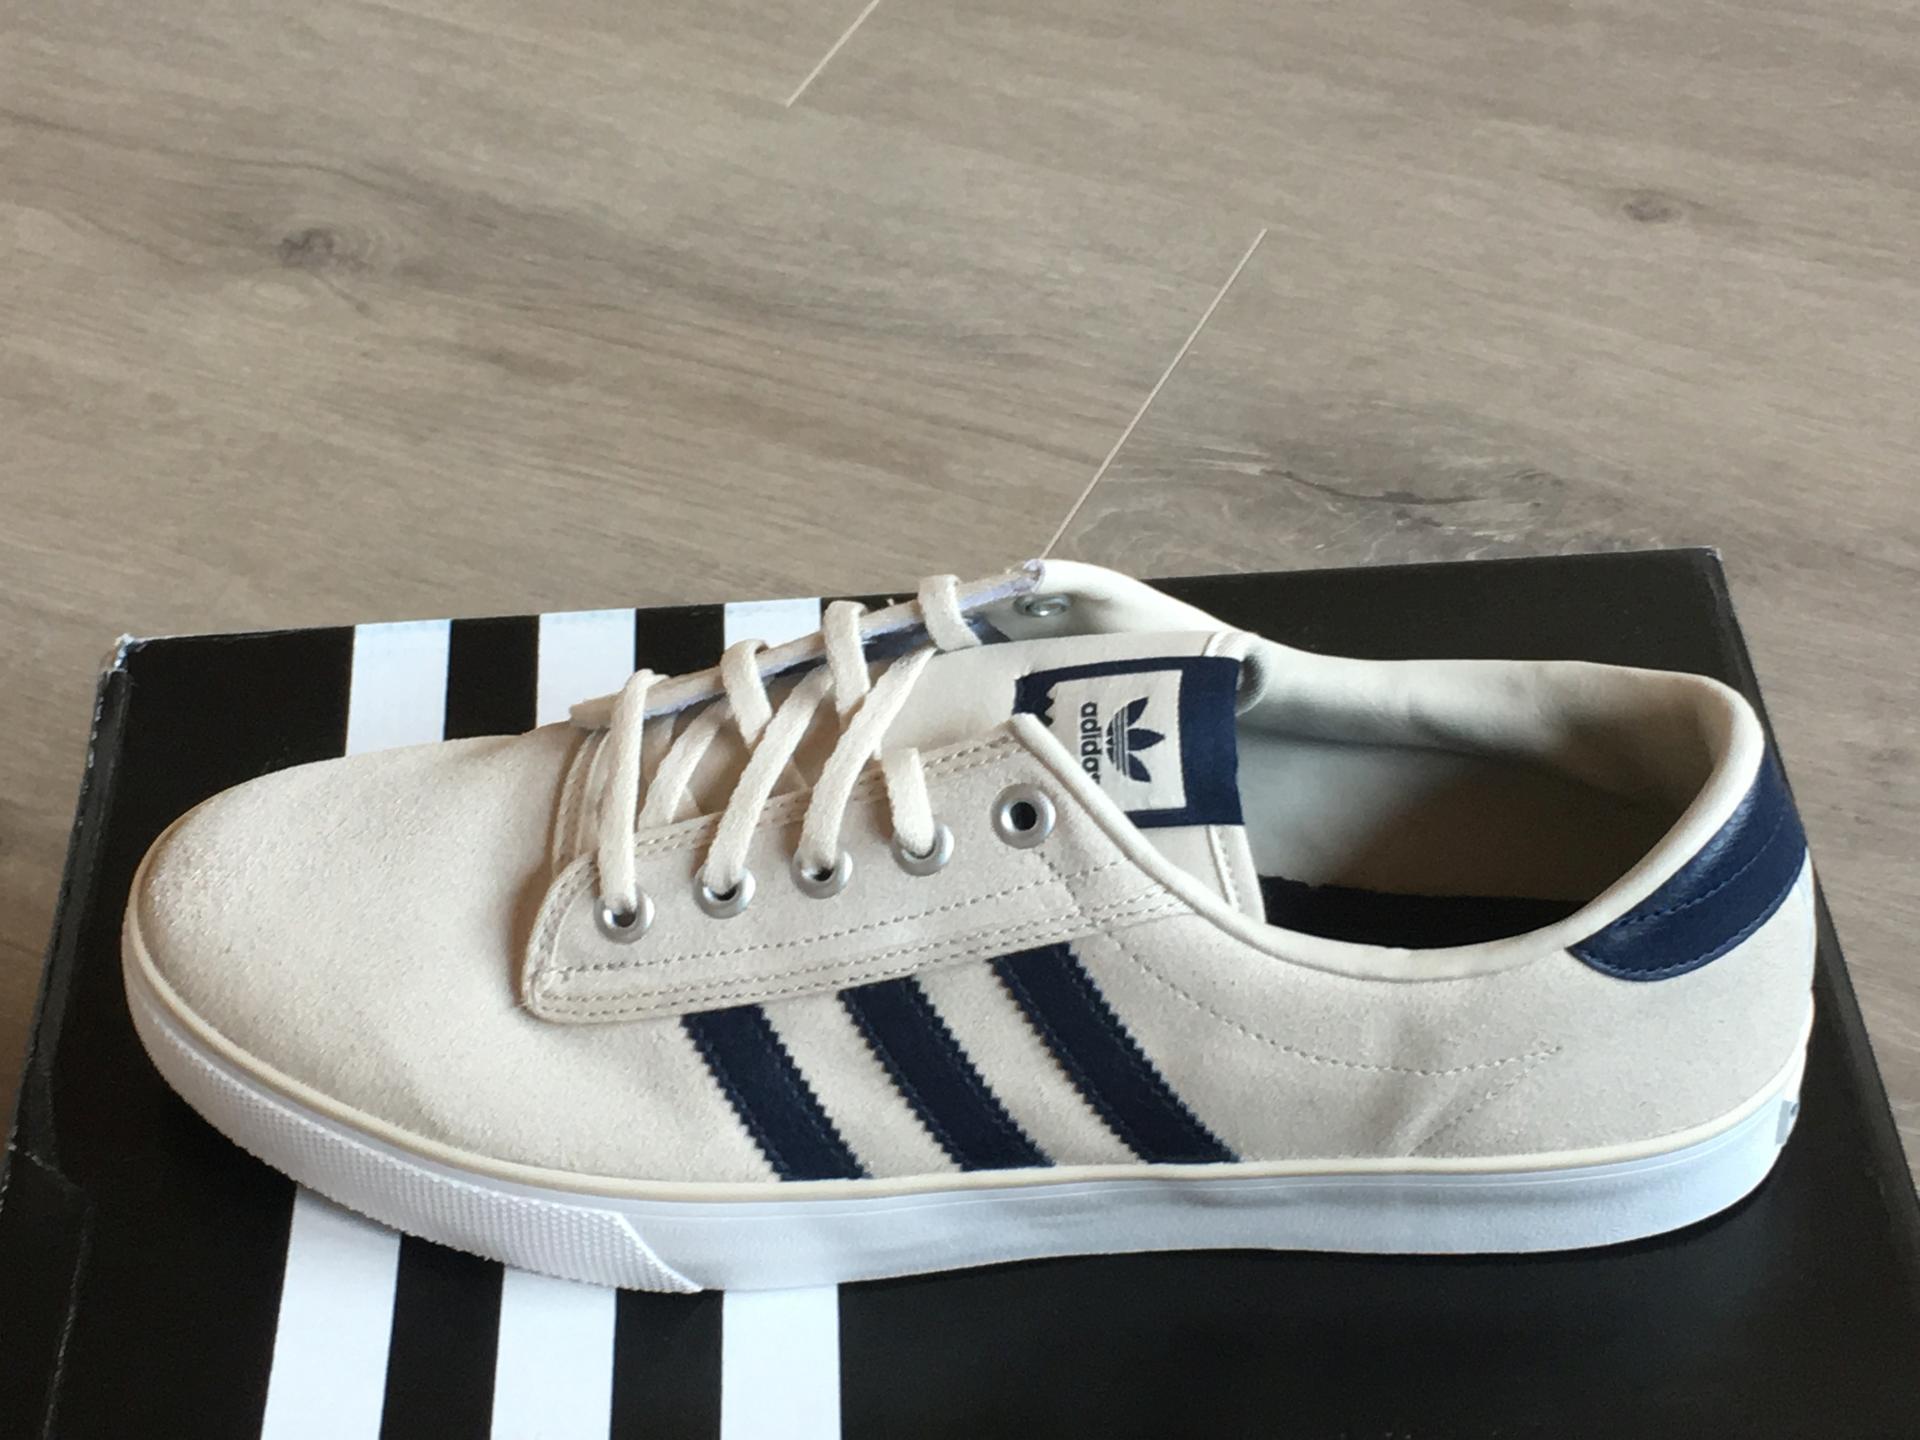 ADIDAS KIEL SCHUHE Herren Originals Sneaker hellbraun blau